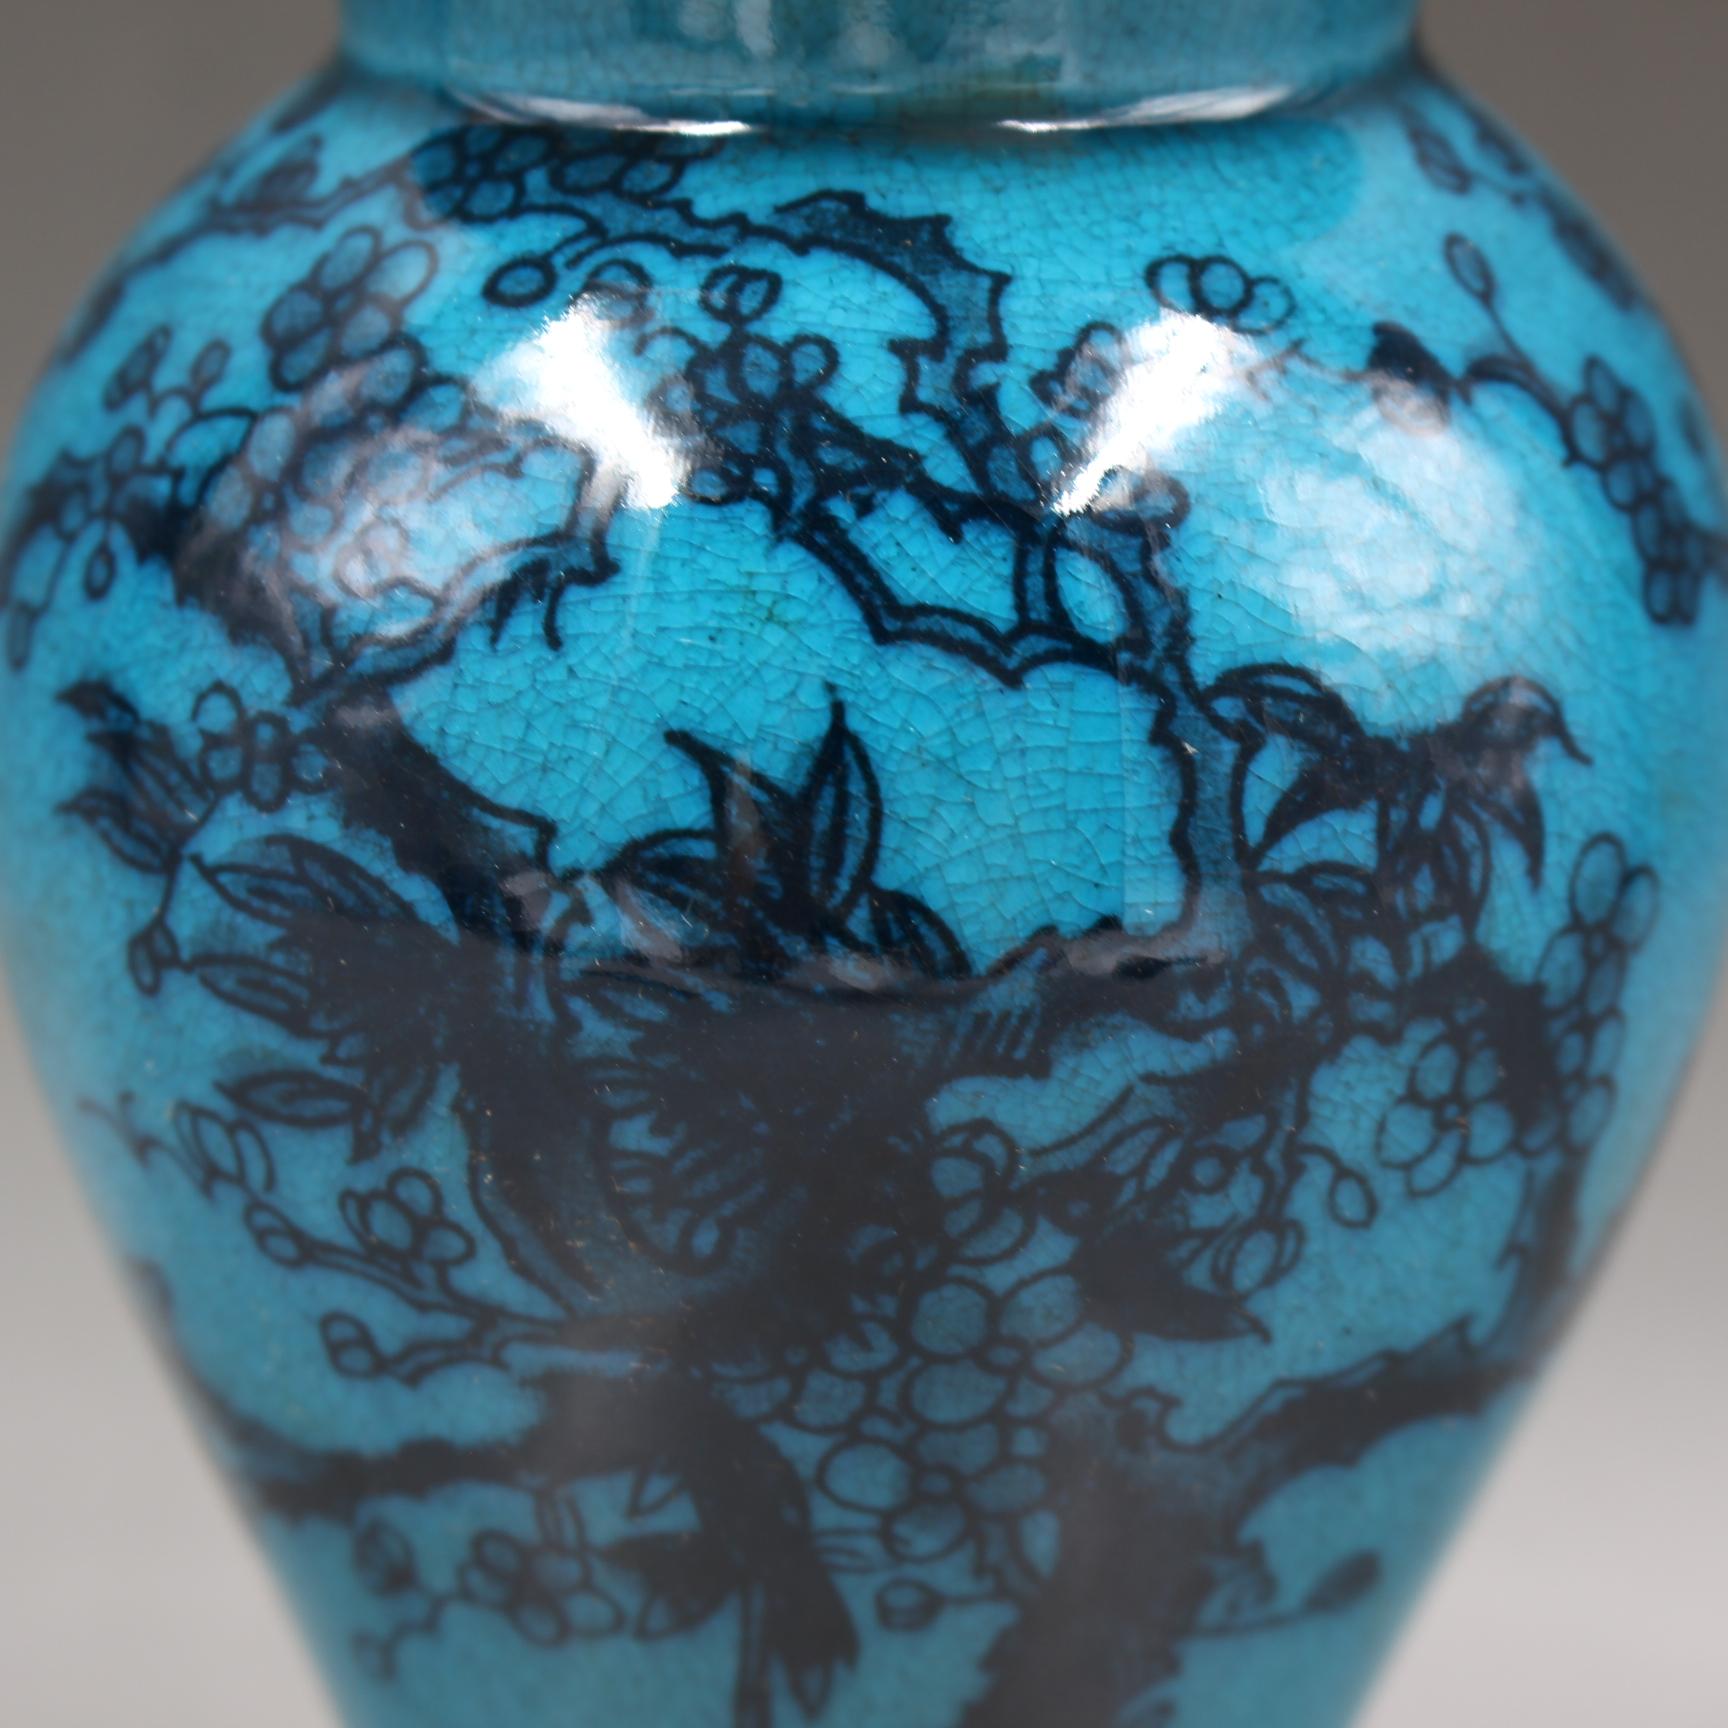 清乾隆年制藍釉墨彩喜上眉梢將軍罐仿古家居瓷器擺件古董古玩收藏1入